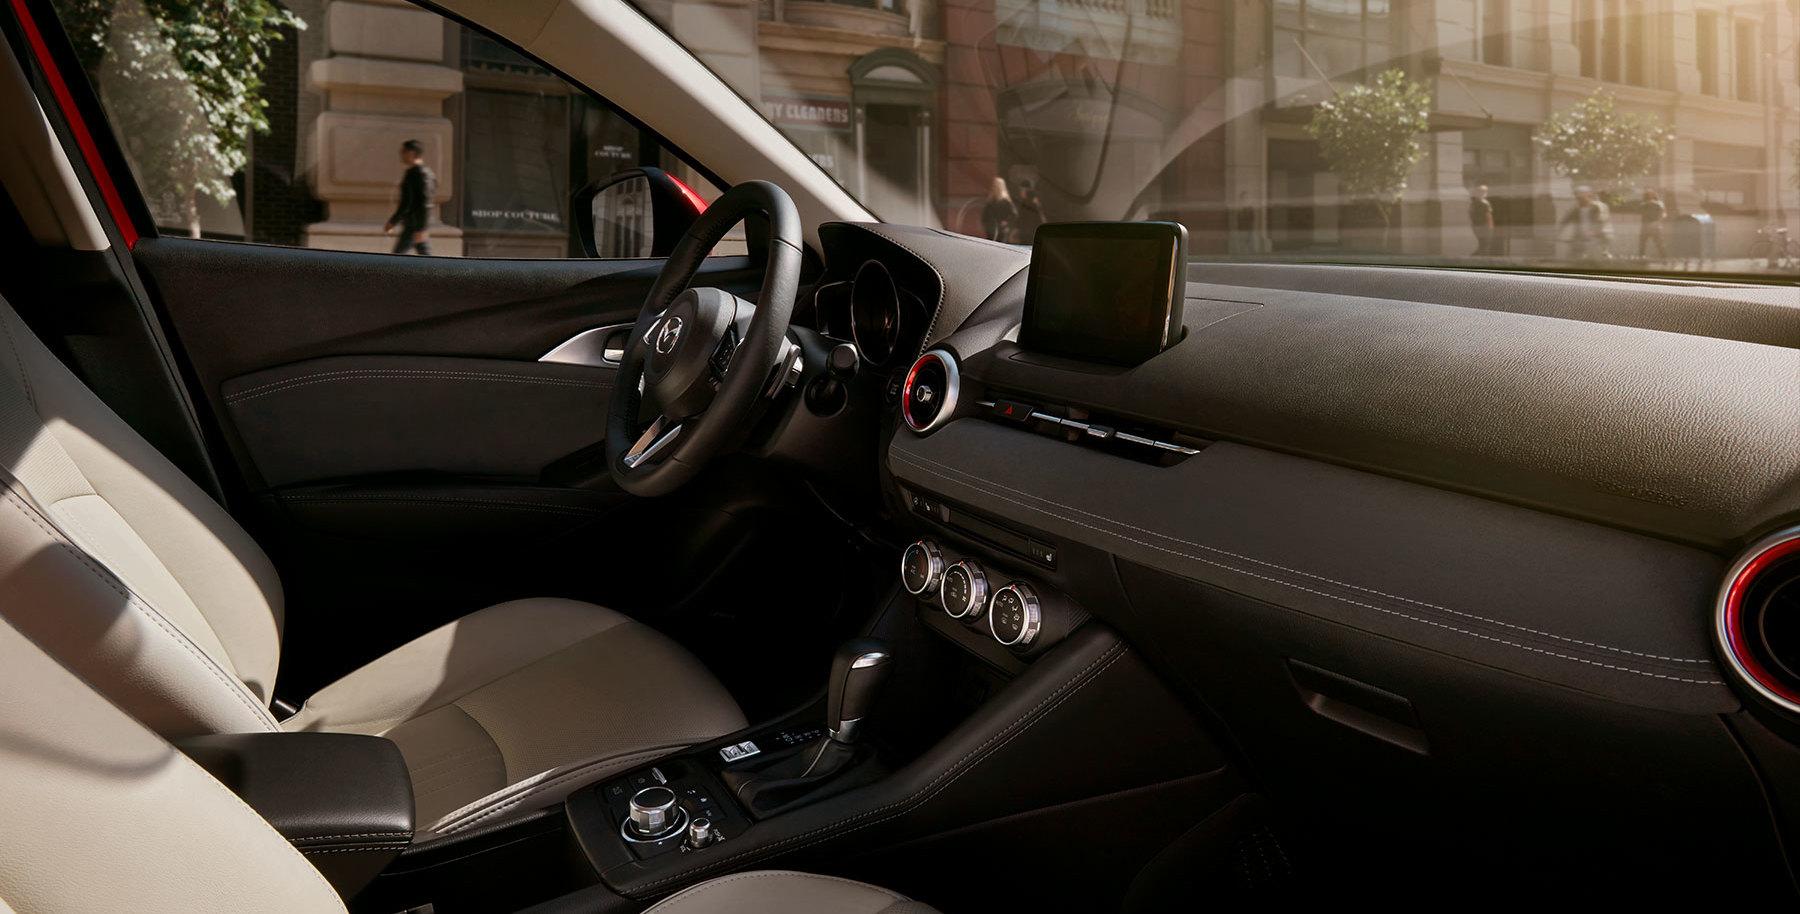 2019 Mazda CX-3 Front Interior